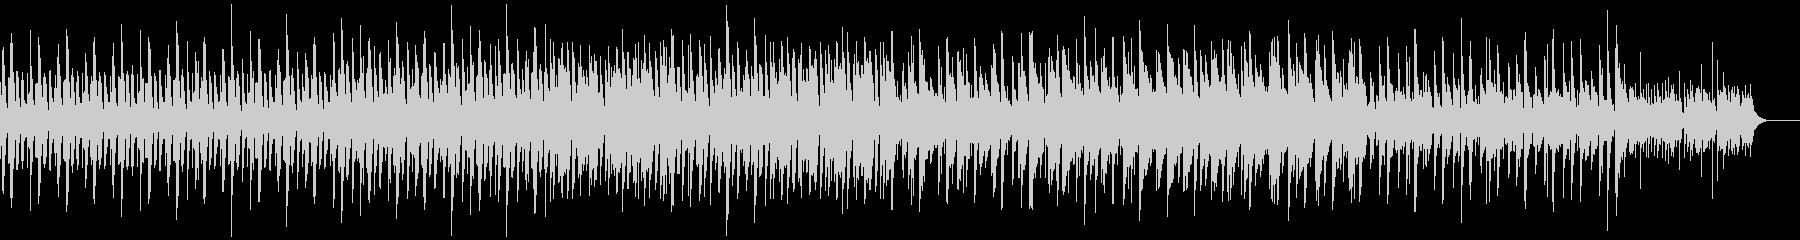 ピアノとマリンバのミニマルミュージックの未再生の波形